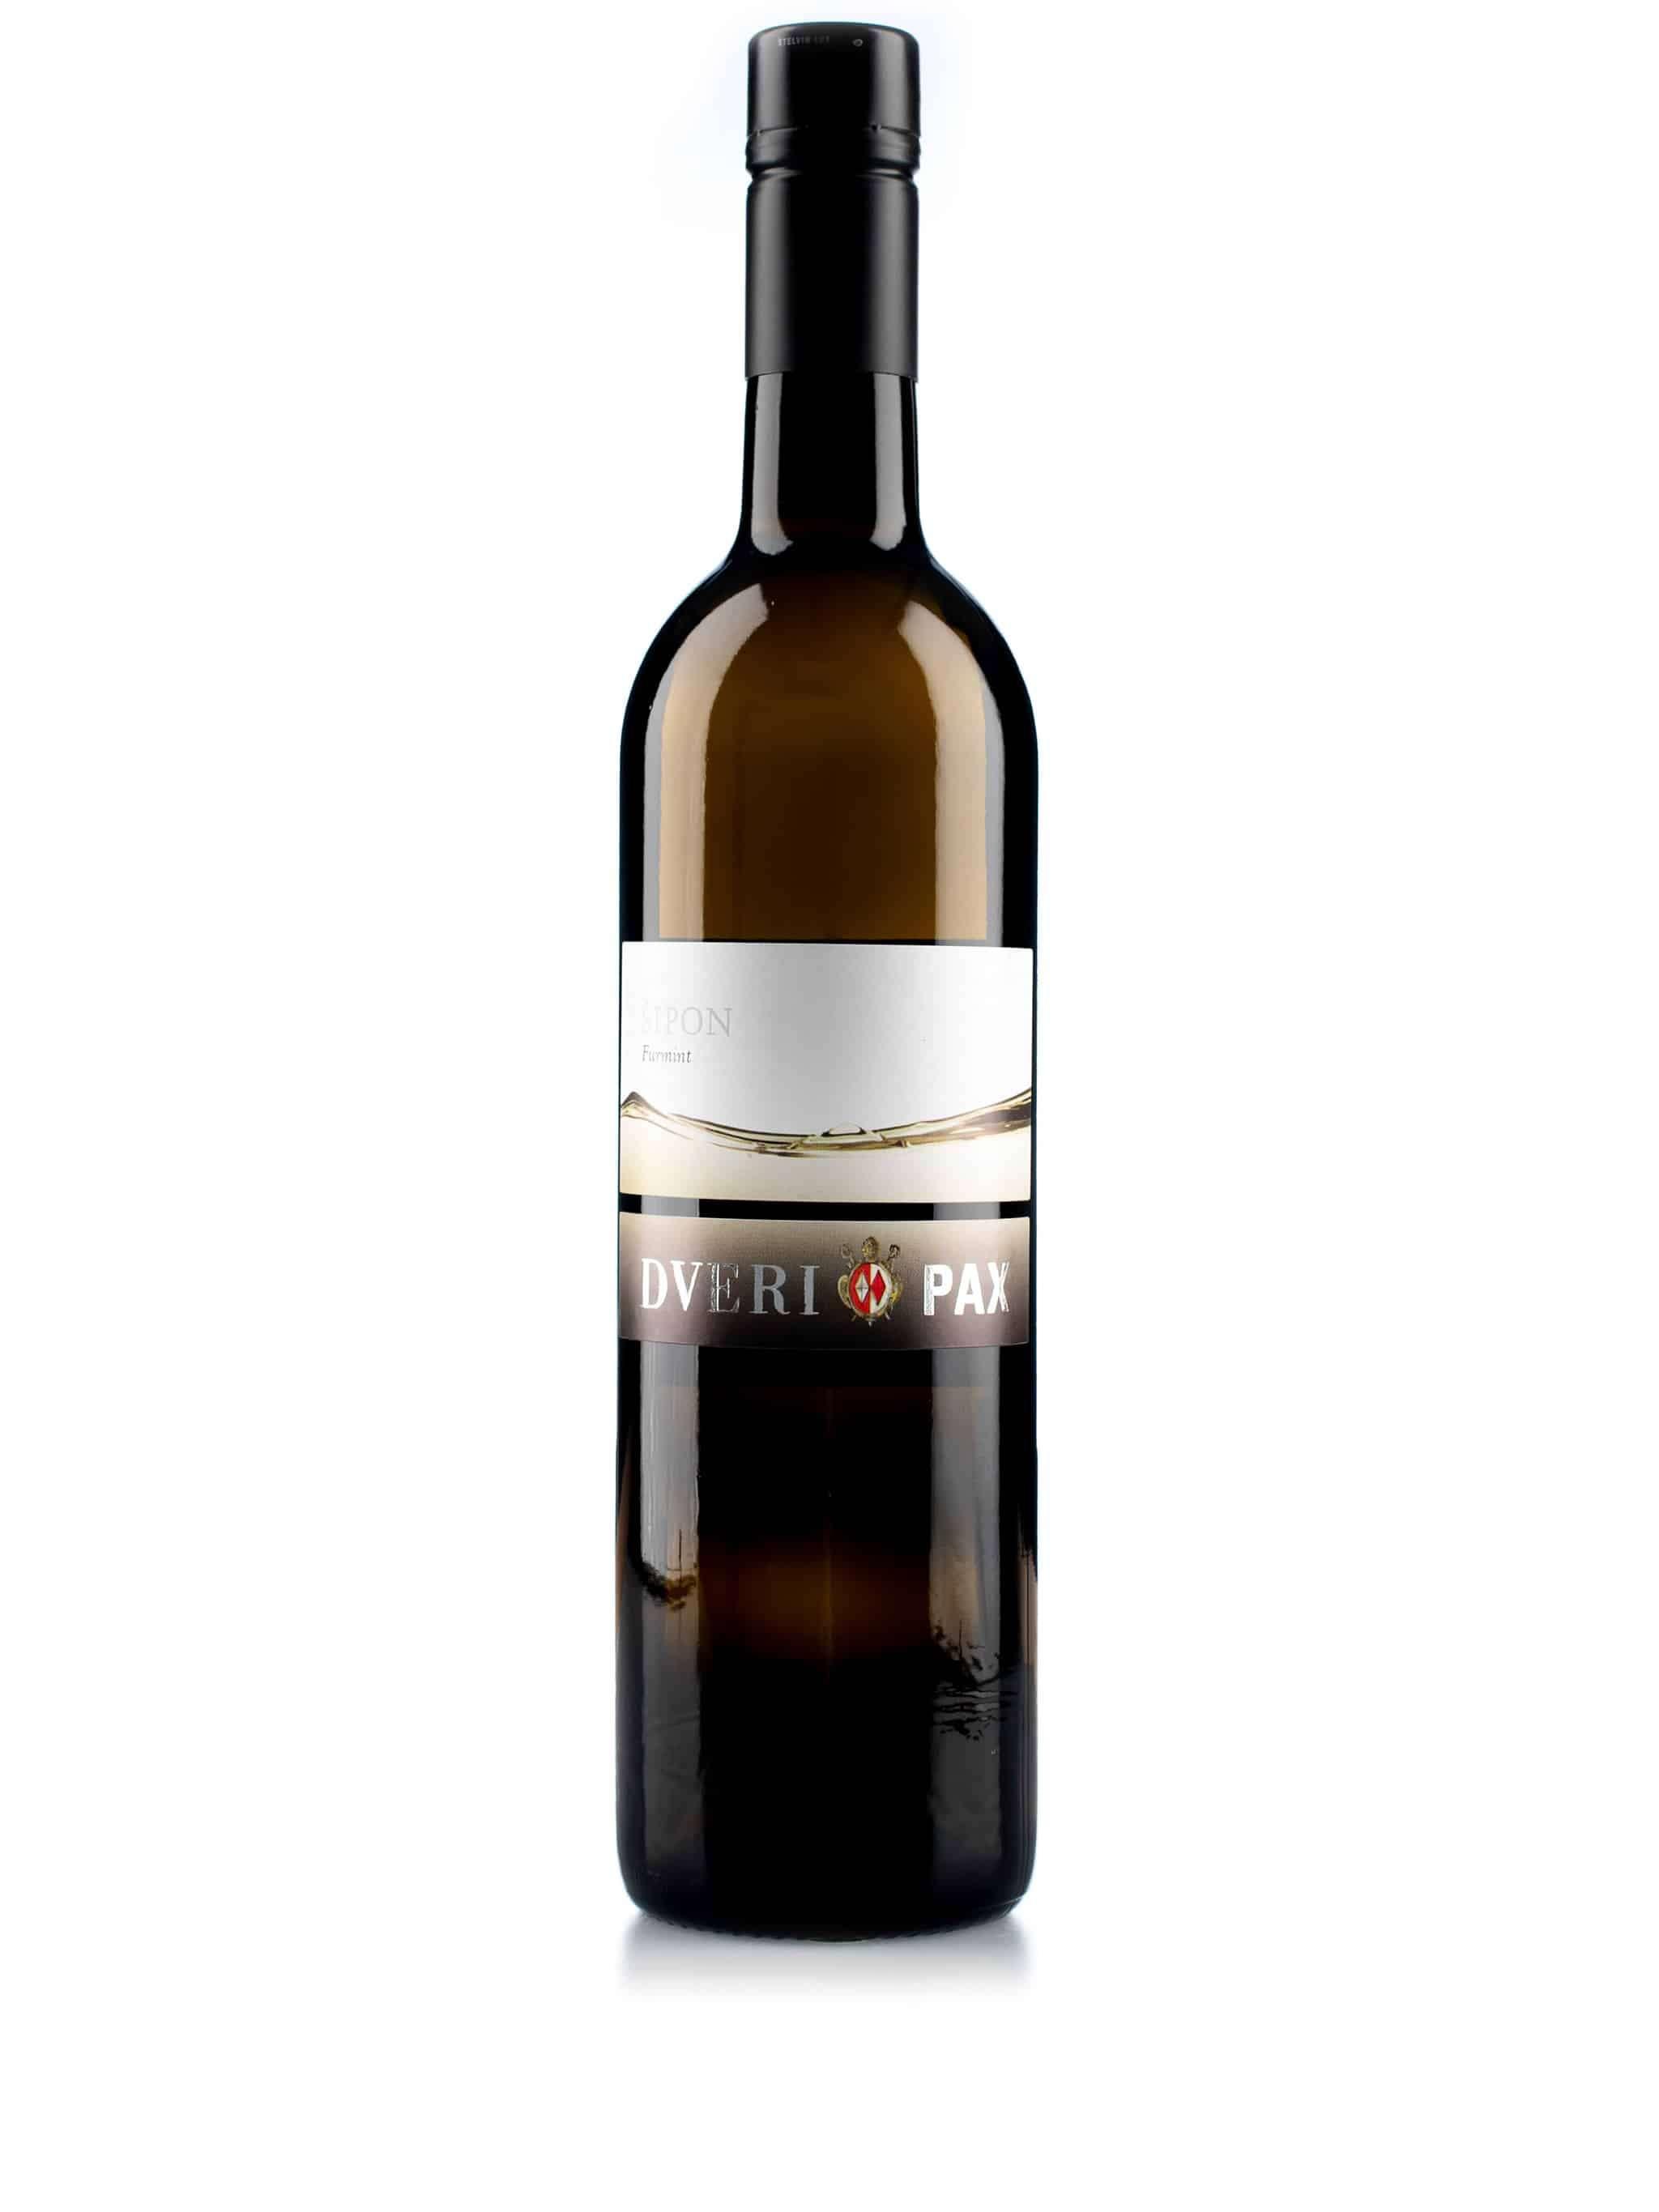 Sloveense witte wijn van wijndomein Dveri-Pax: Furmint